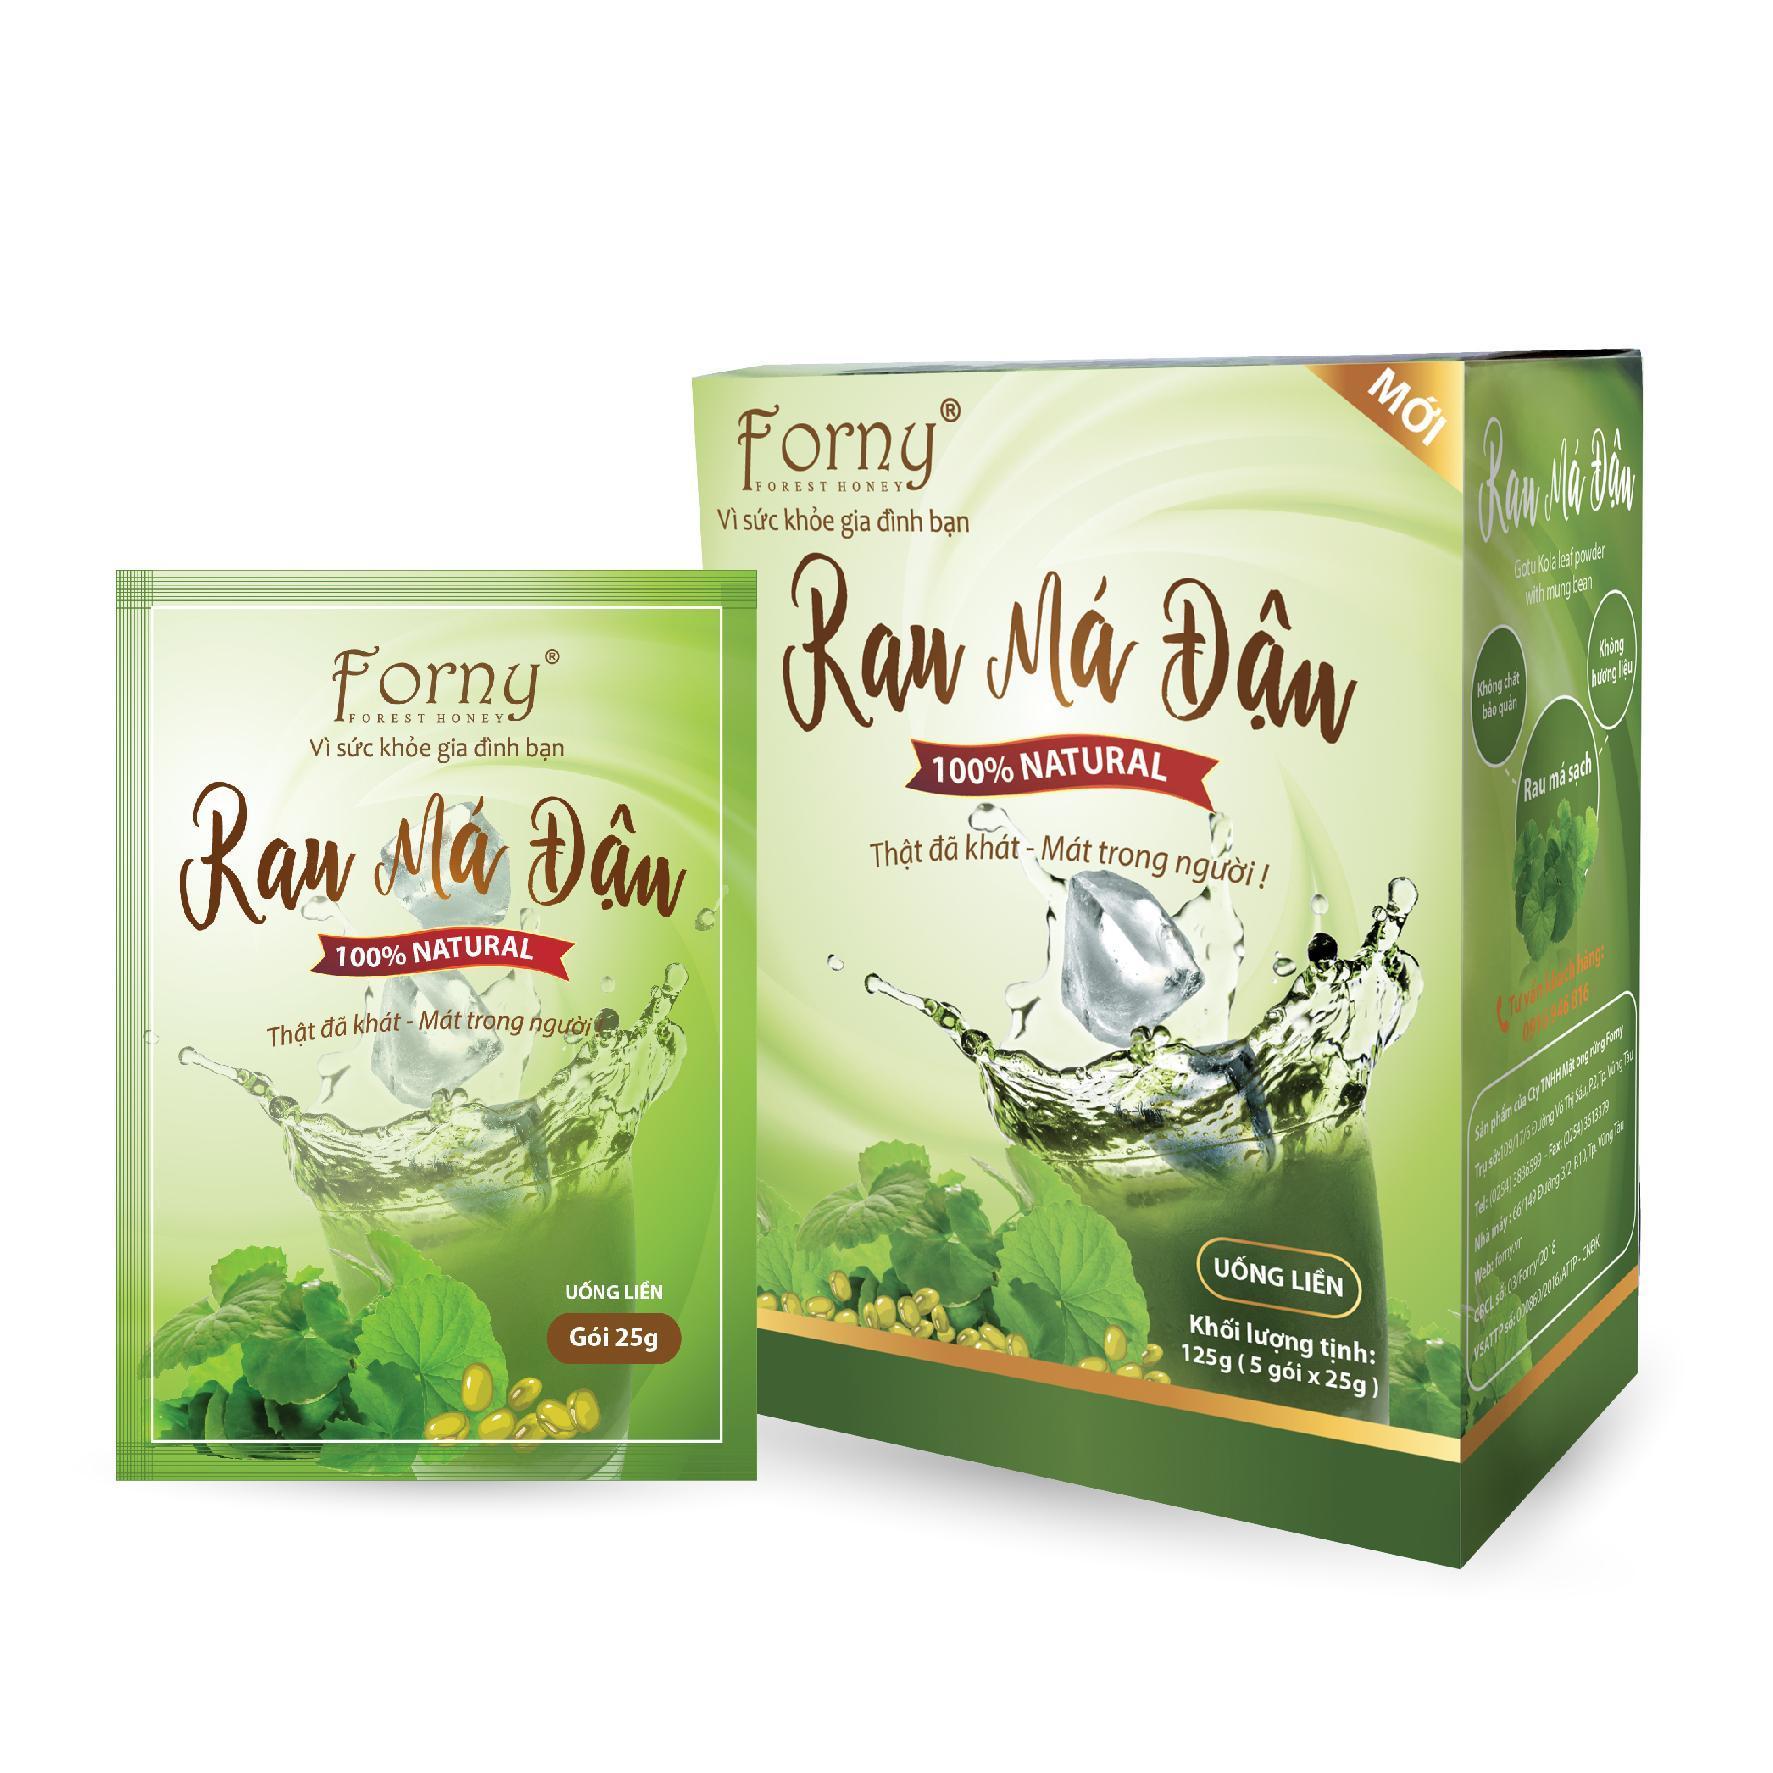 Rau Má Đậu Xanh Forny (rau má và đậu xanh giúp đẹp da, mát trong người, giải khát, giải nhiệt, bồi bổ sức khỏe)